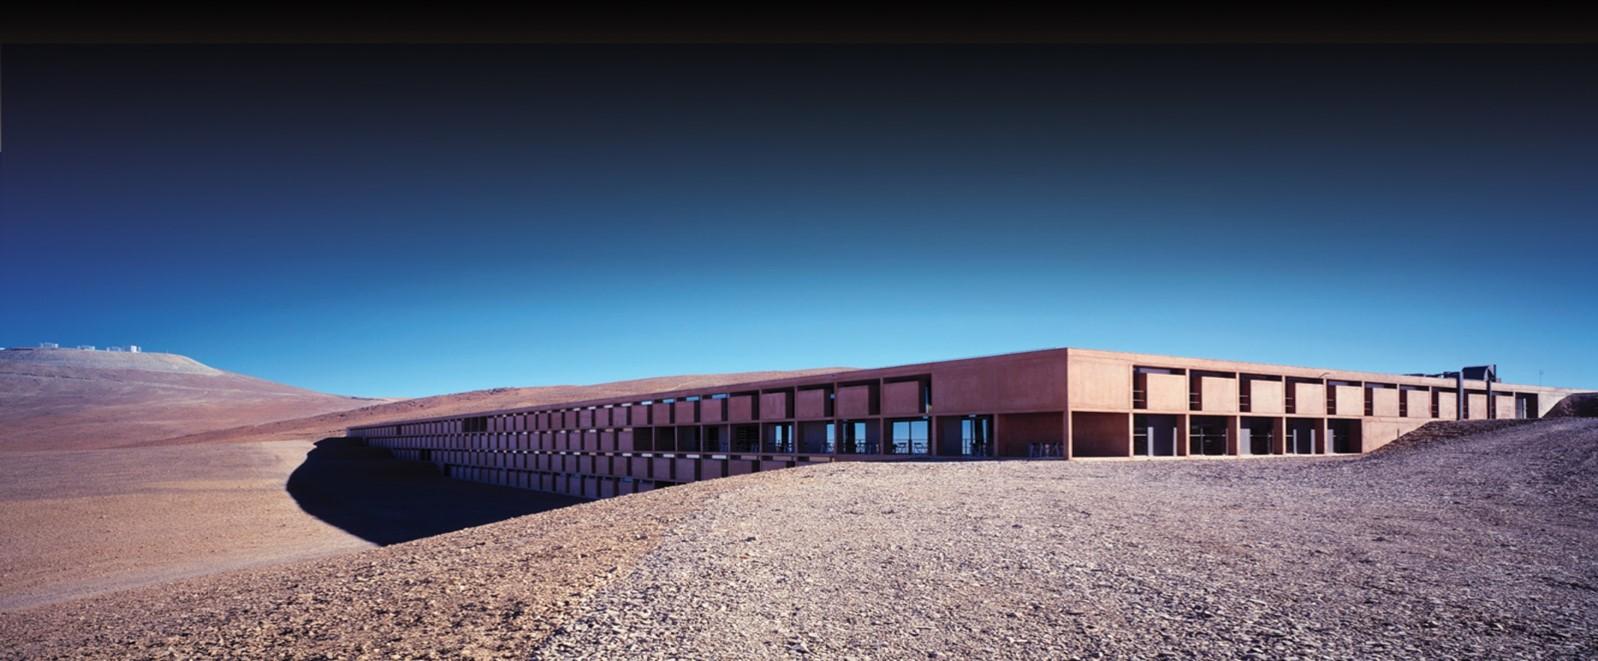 ESO Hotel, Chile